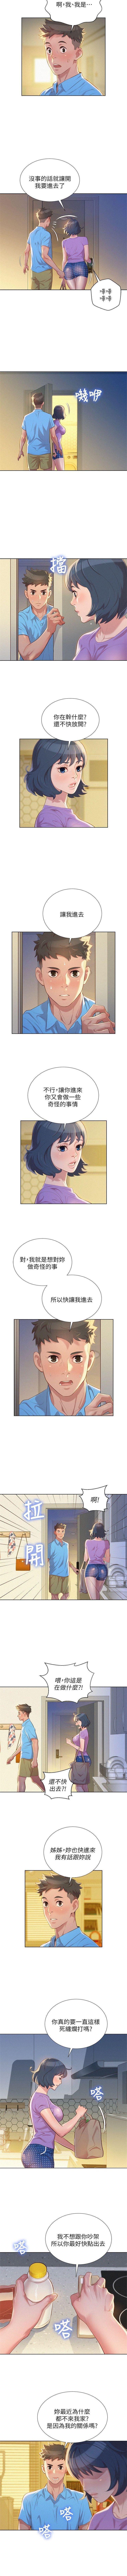 (周7)漂亮干姐姐  1-81 中文翻译 (更新中) 131